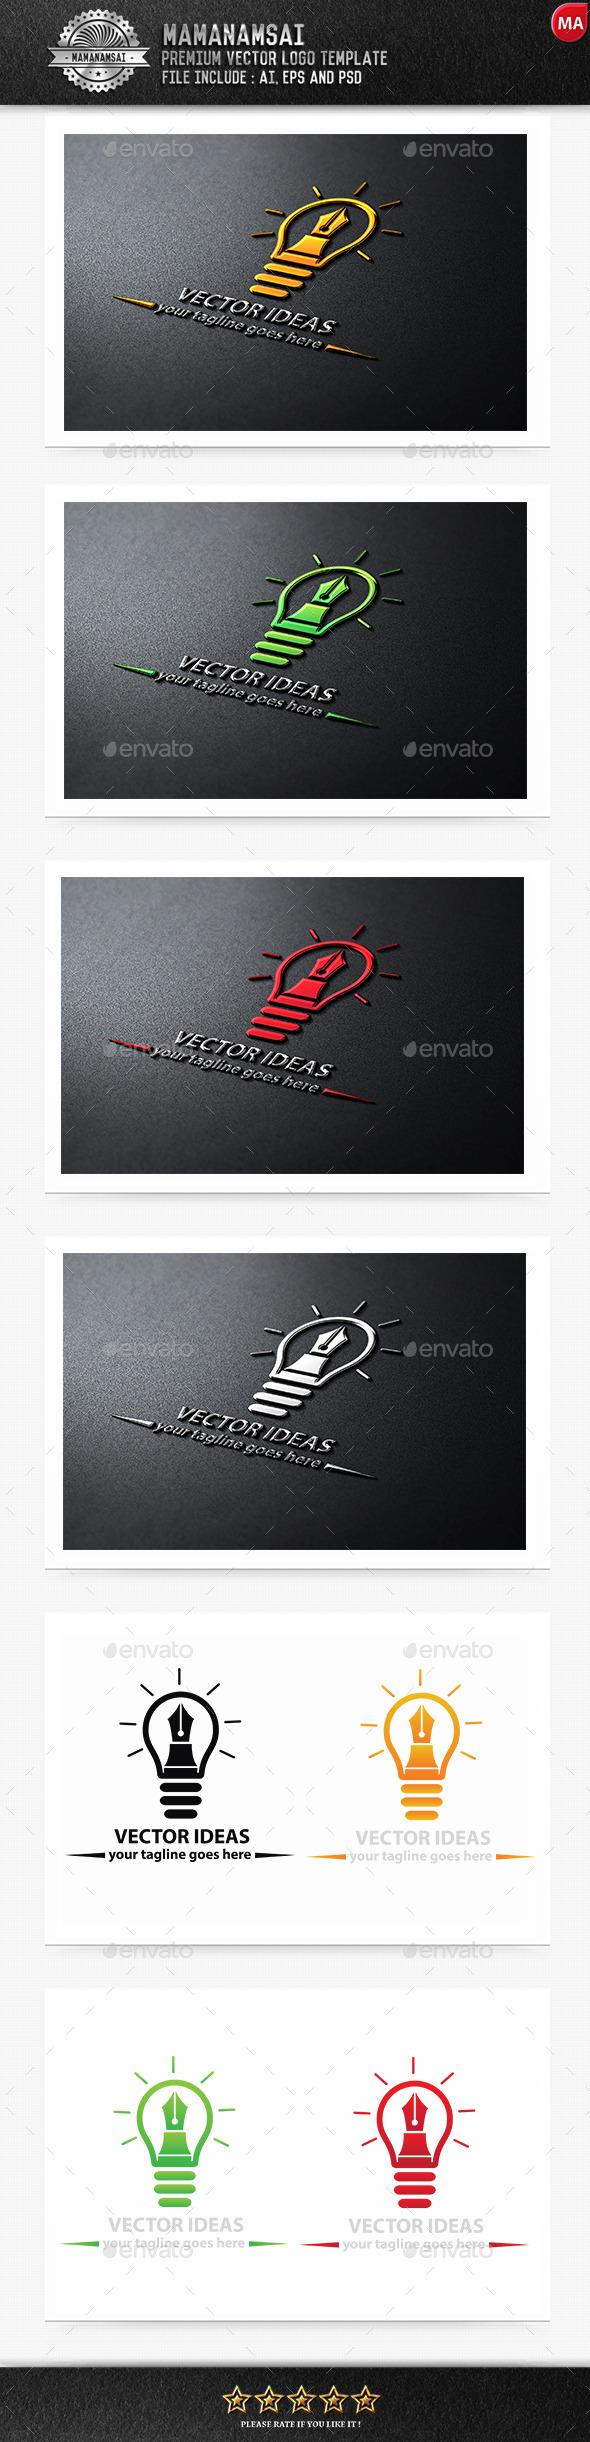 Vector Ideas Logo - Logo Templates